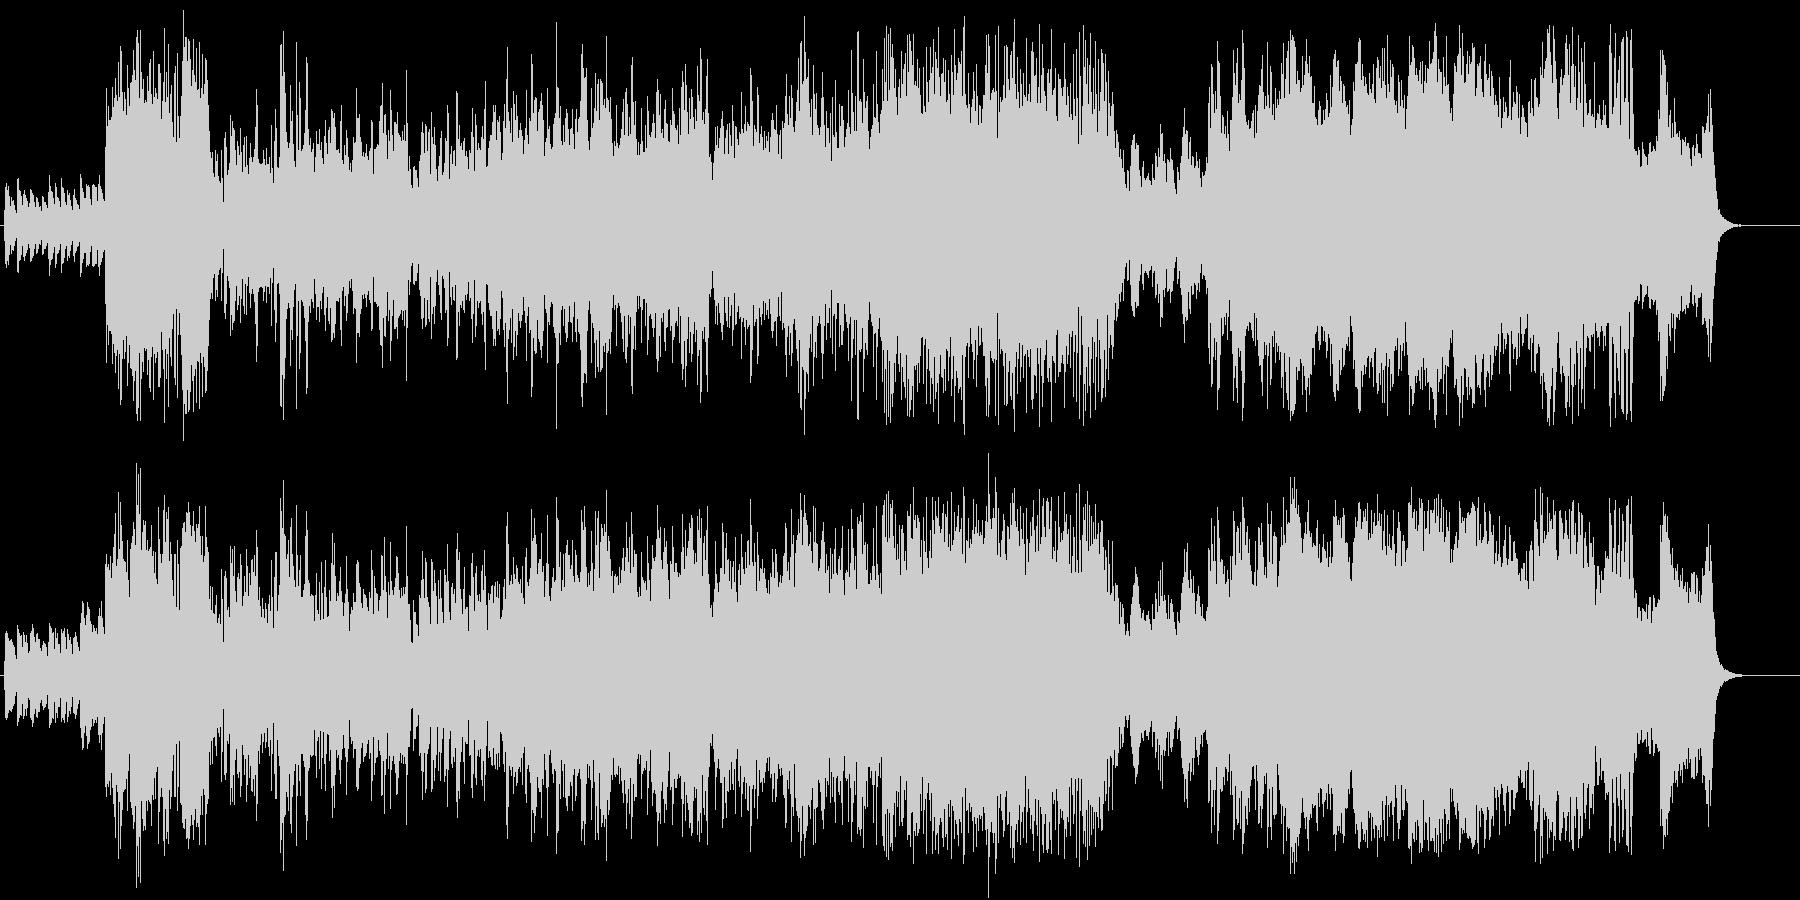 メリハリが効いた壮大なるオーケストラの未再生の波形